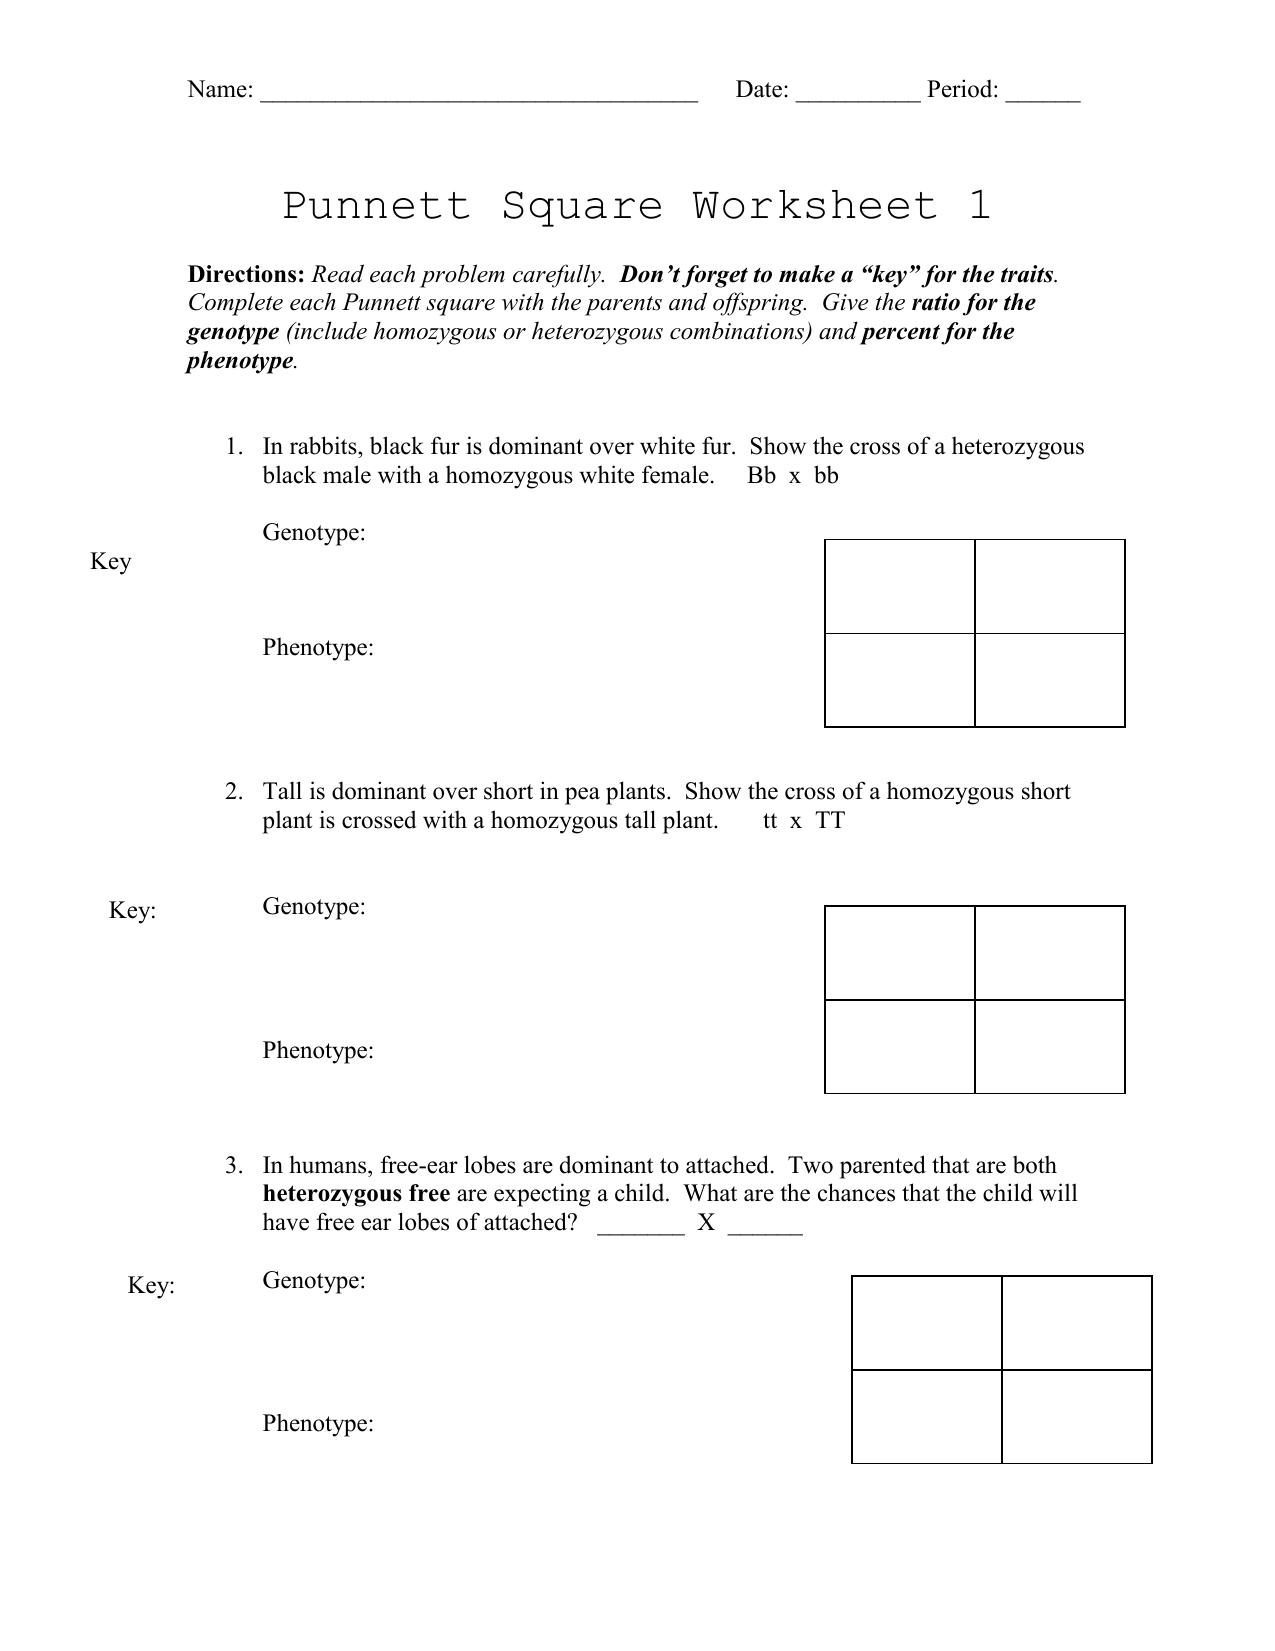 Punnett Square Worksheet 1 Answer Key — excelguider.com